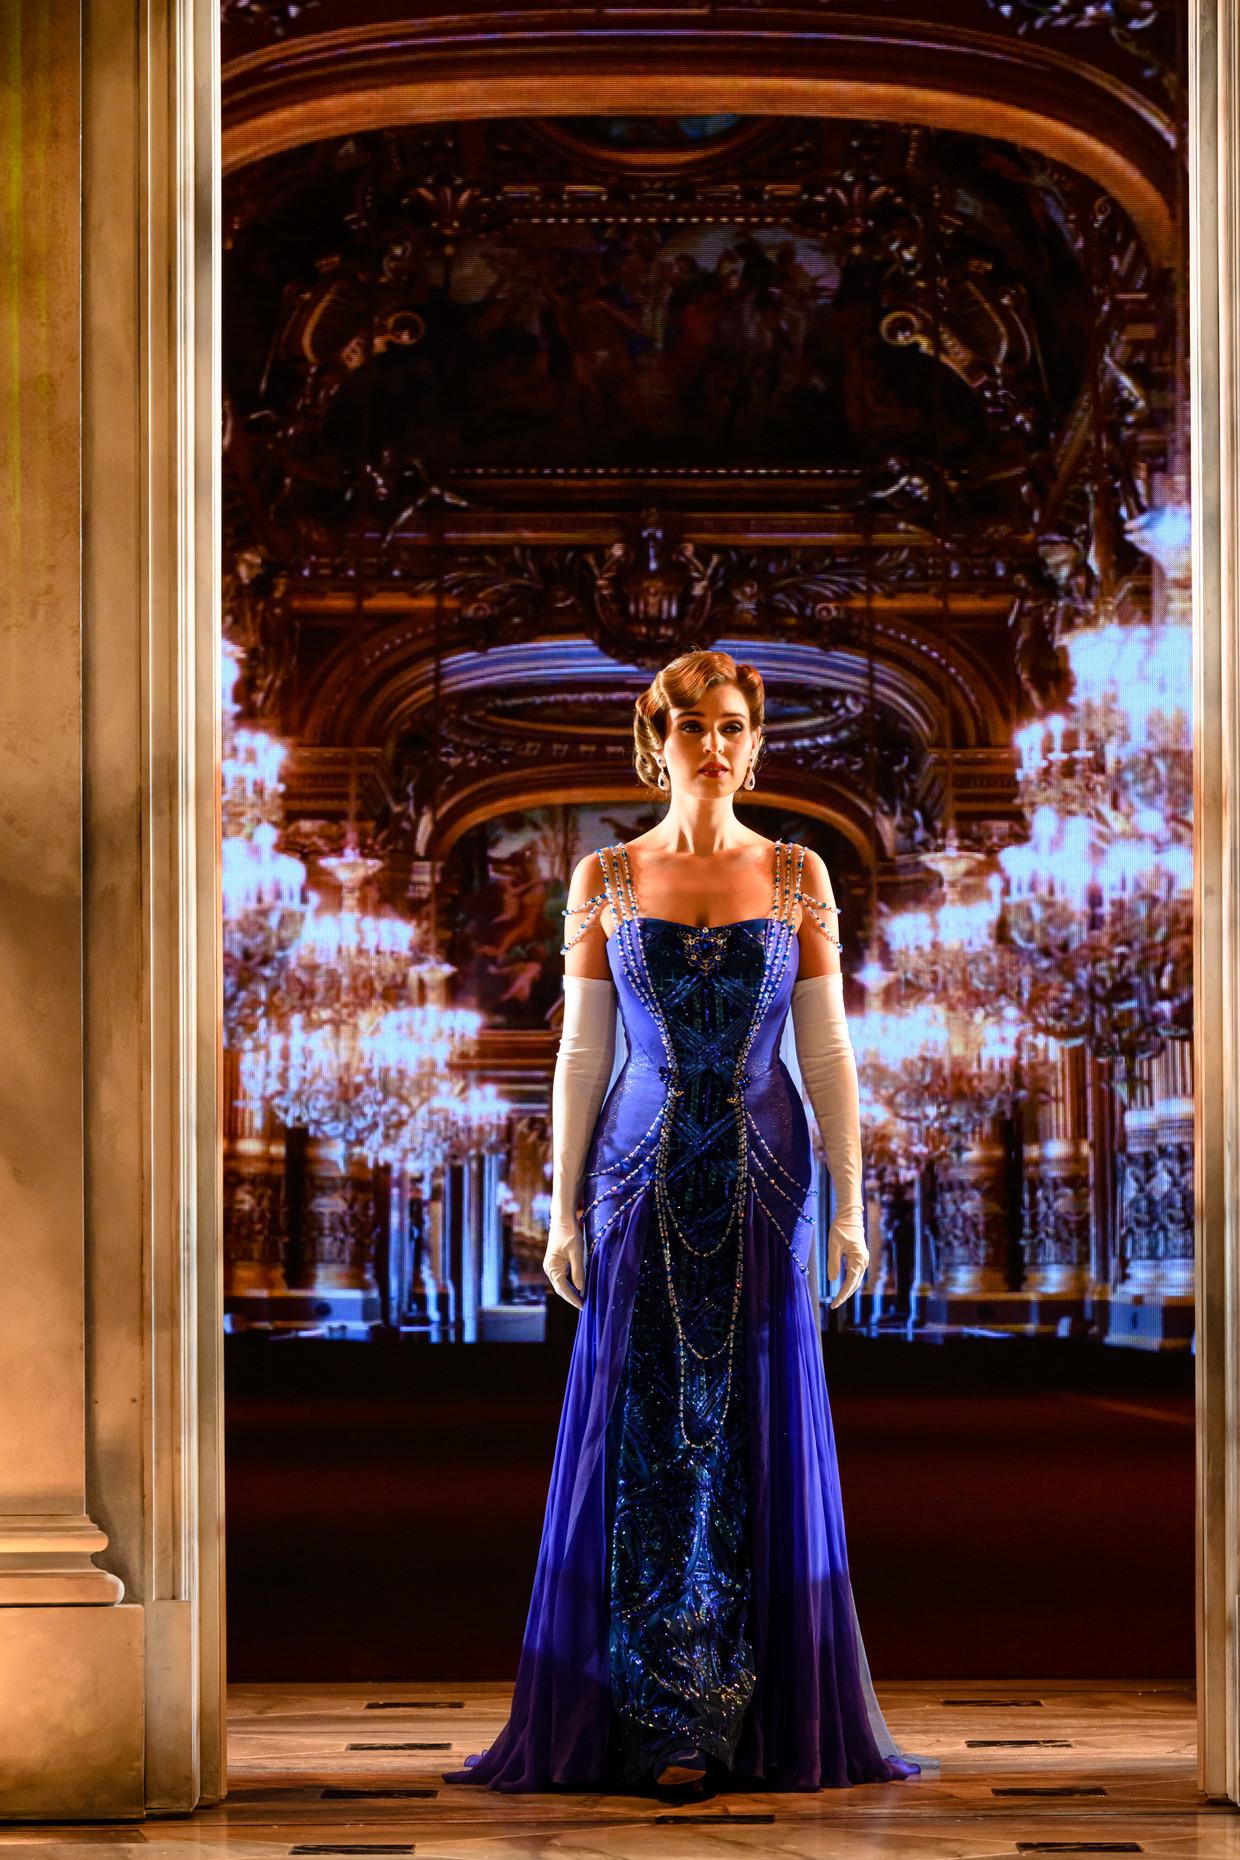 Tessa-Sunniva van Tol is Anastasia in de gelijknamige musical.